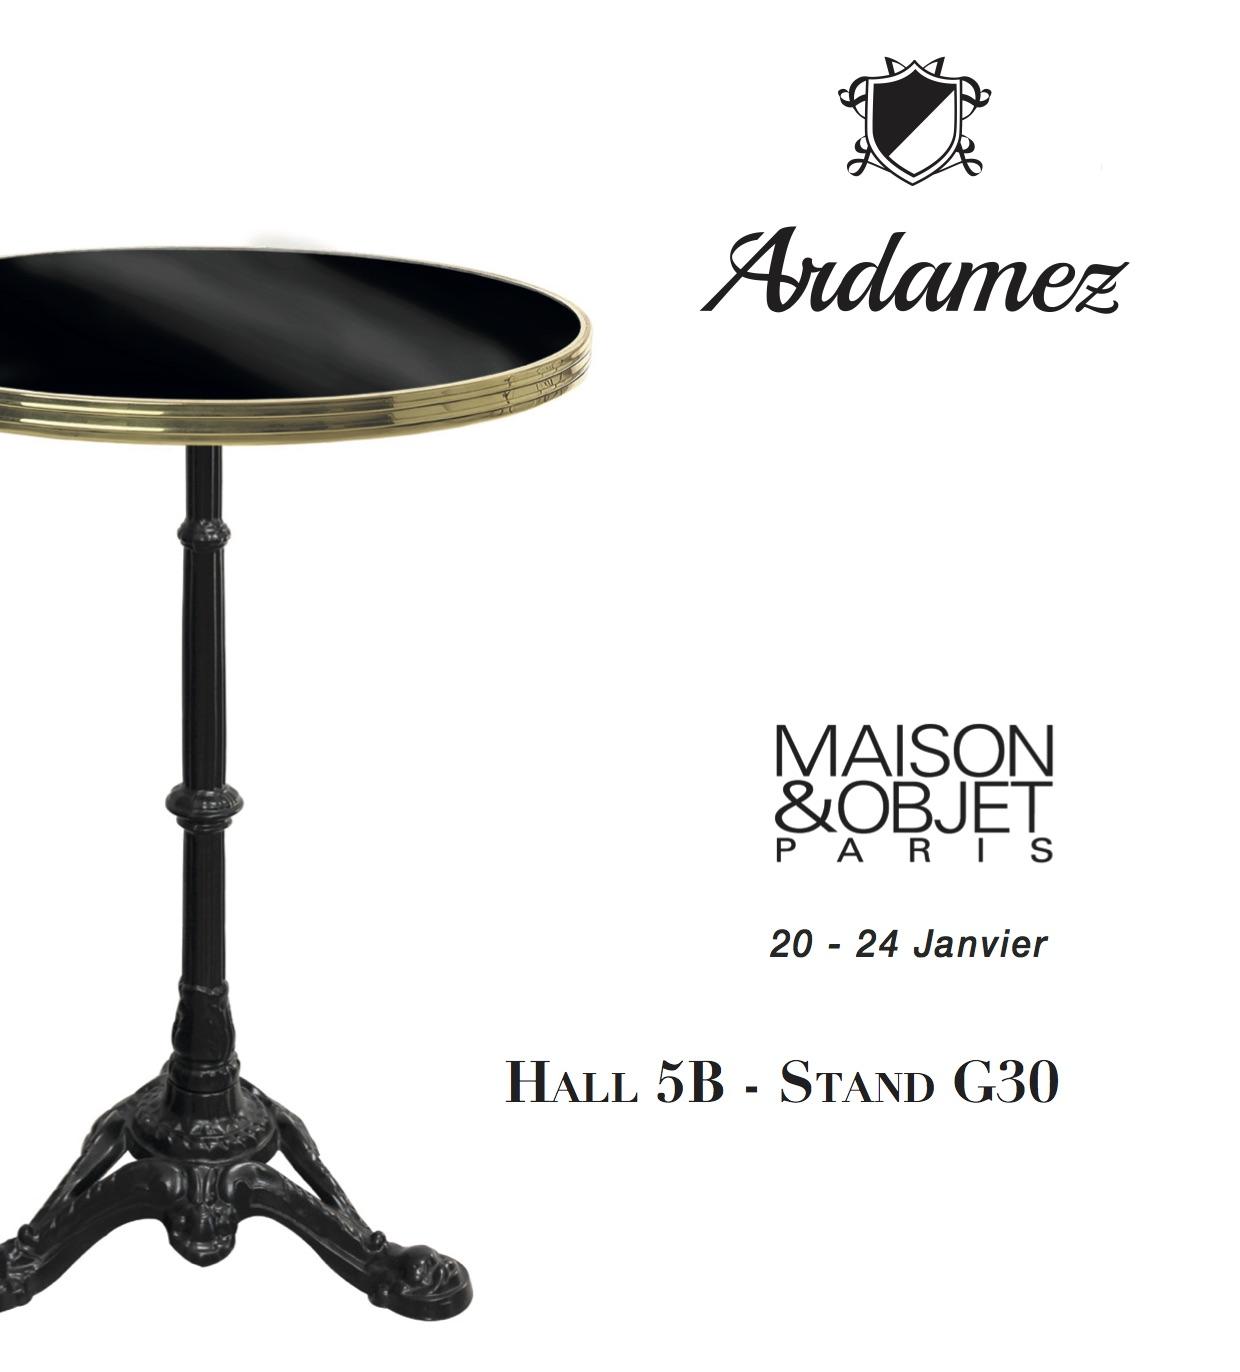 Ardamez Blog Ardamez Maison Objet Paris January 2017